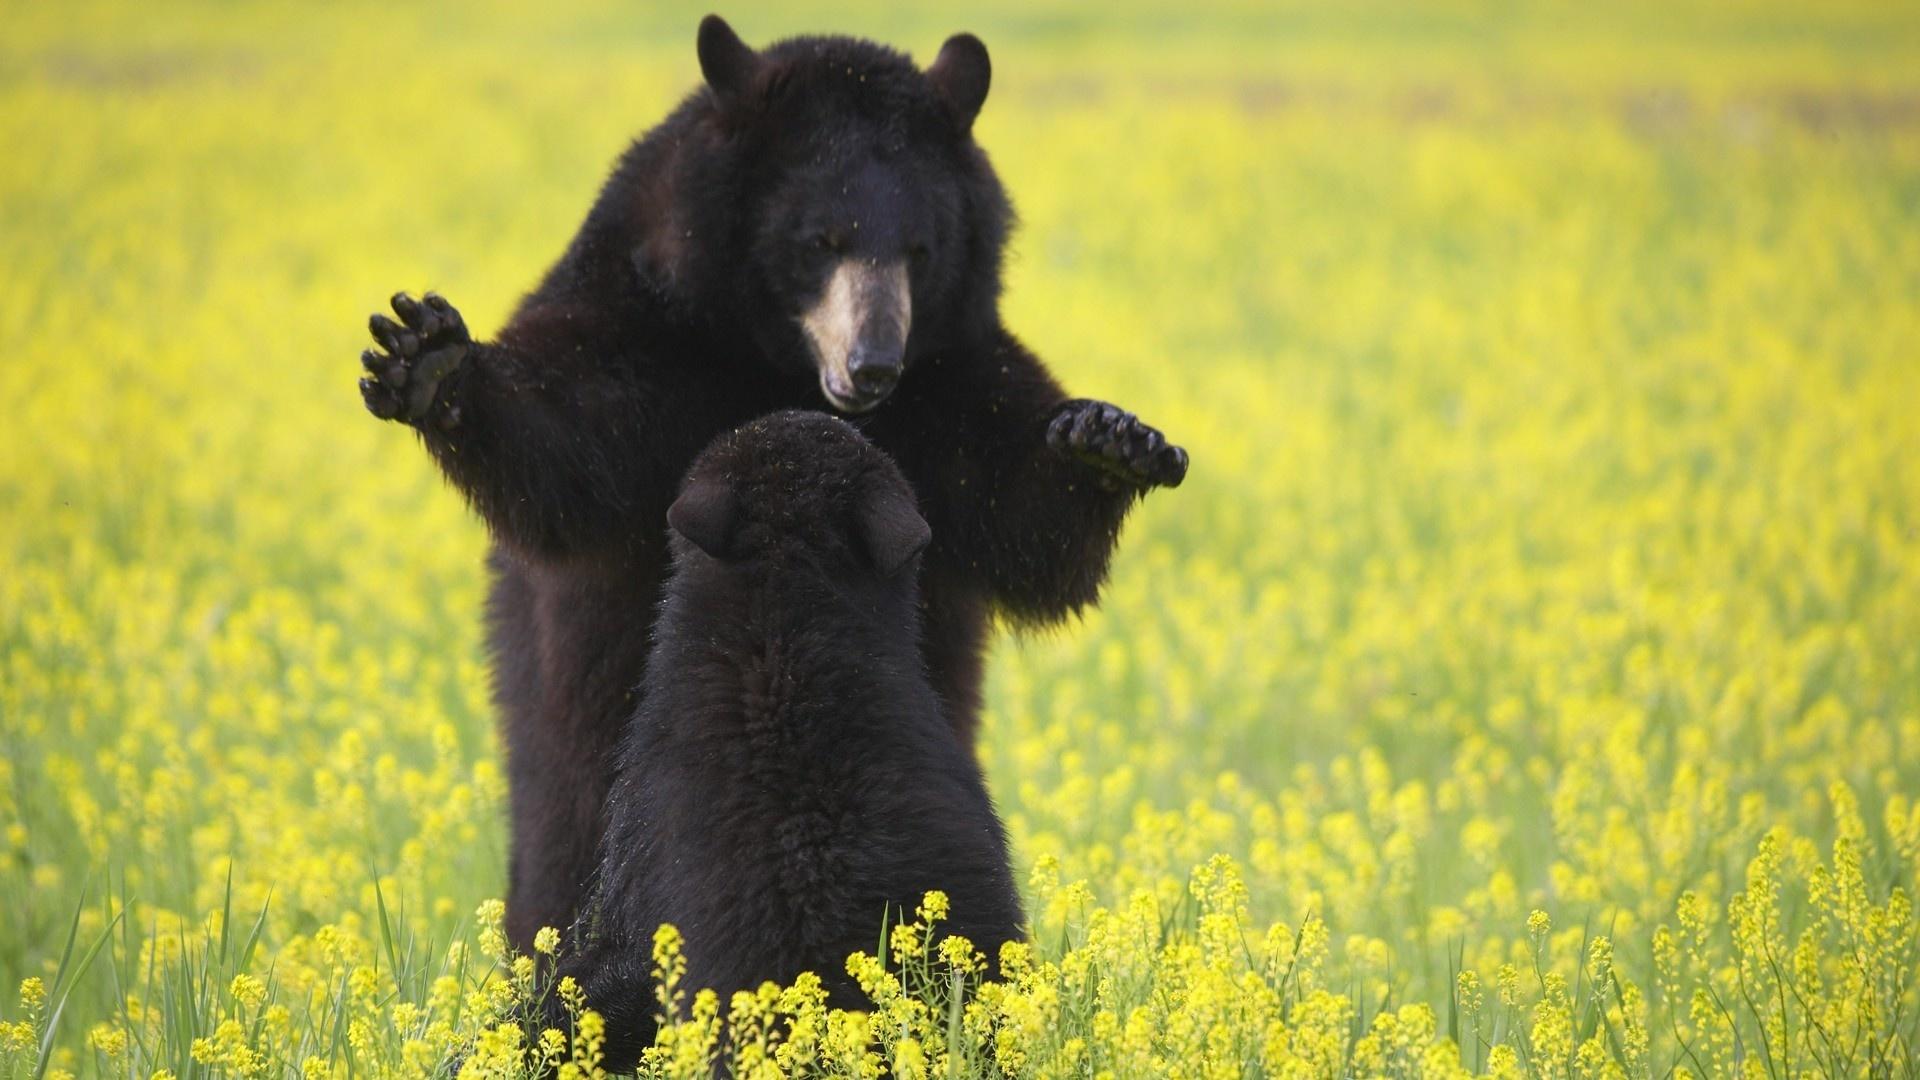 Black Bear Wallpaper theme